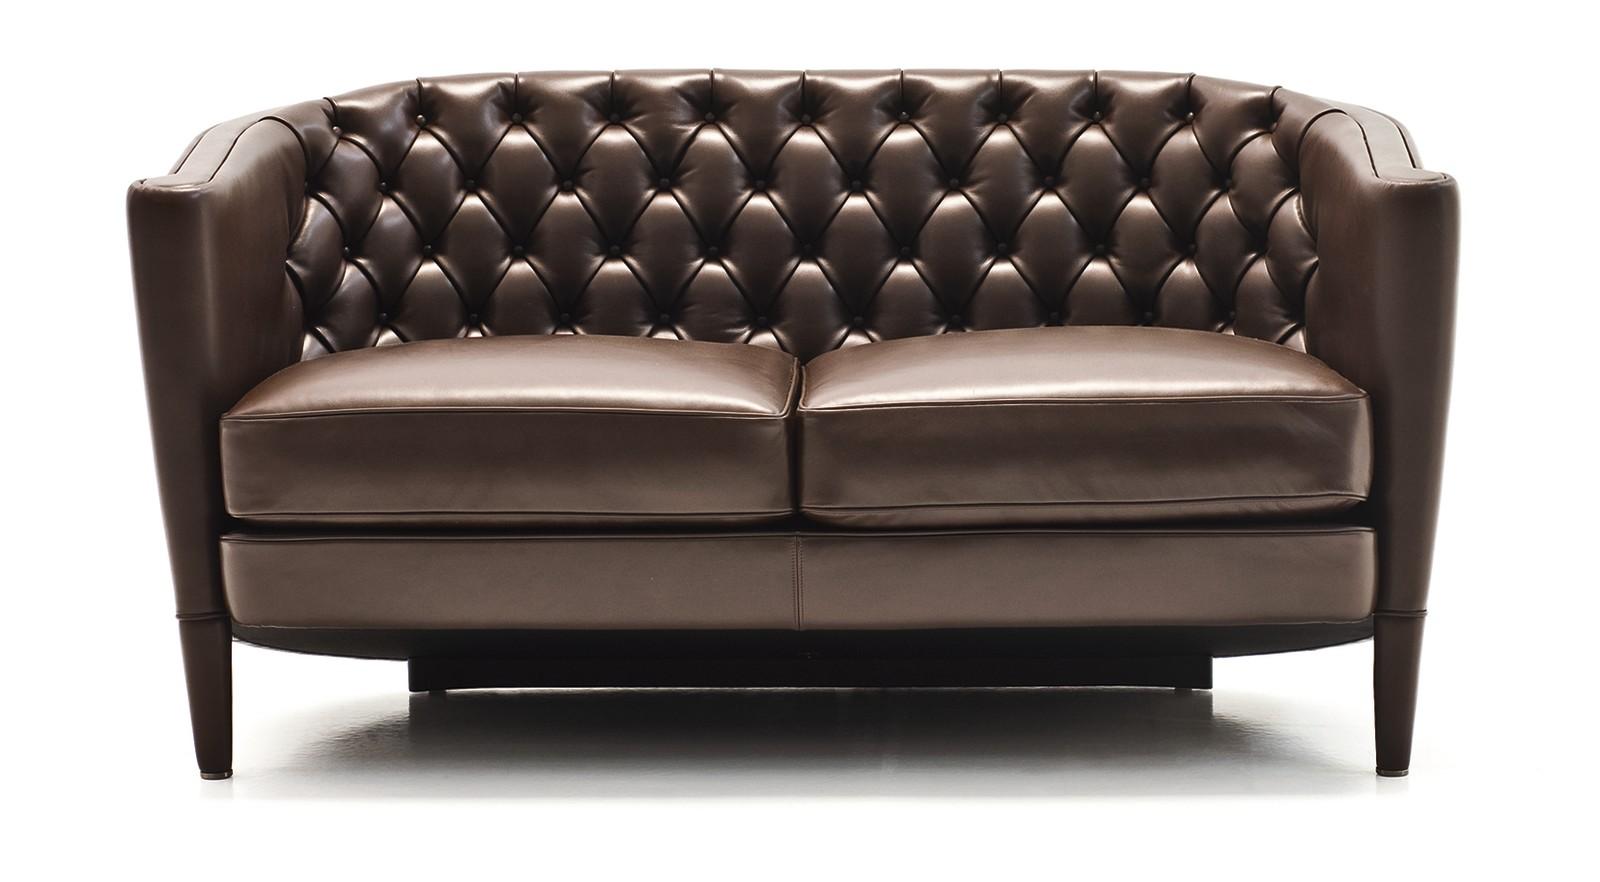 Rich Capitoné 2 Seater Sofa A4500 - Art.48045 - 206 beige, Matt Black Beech Feet